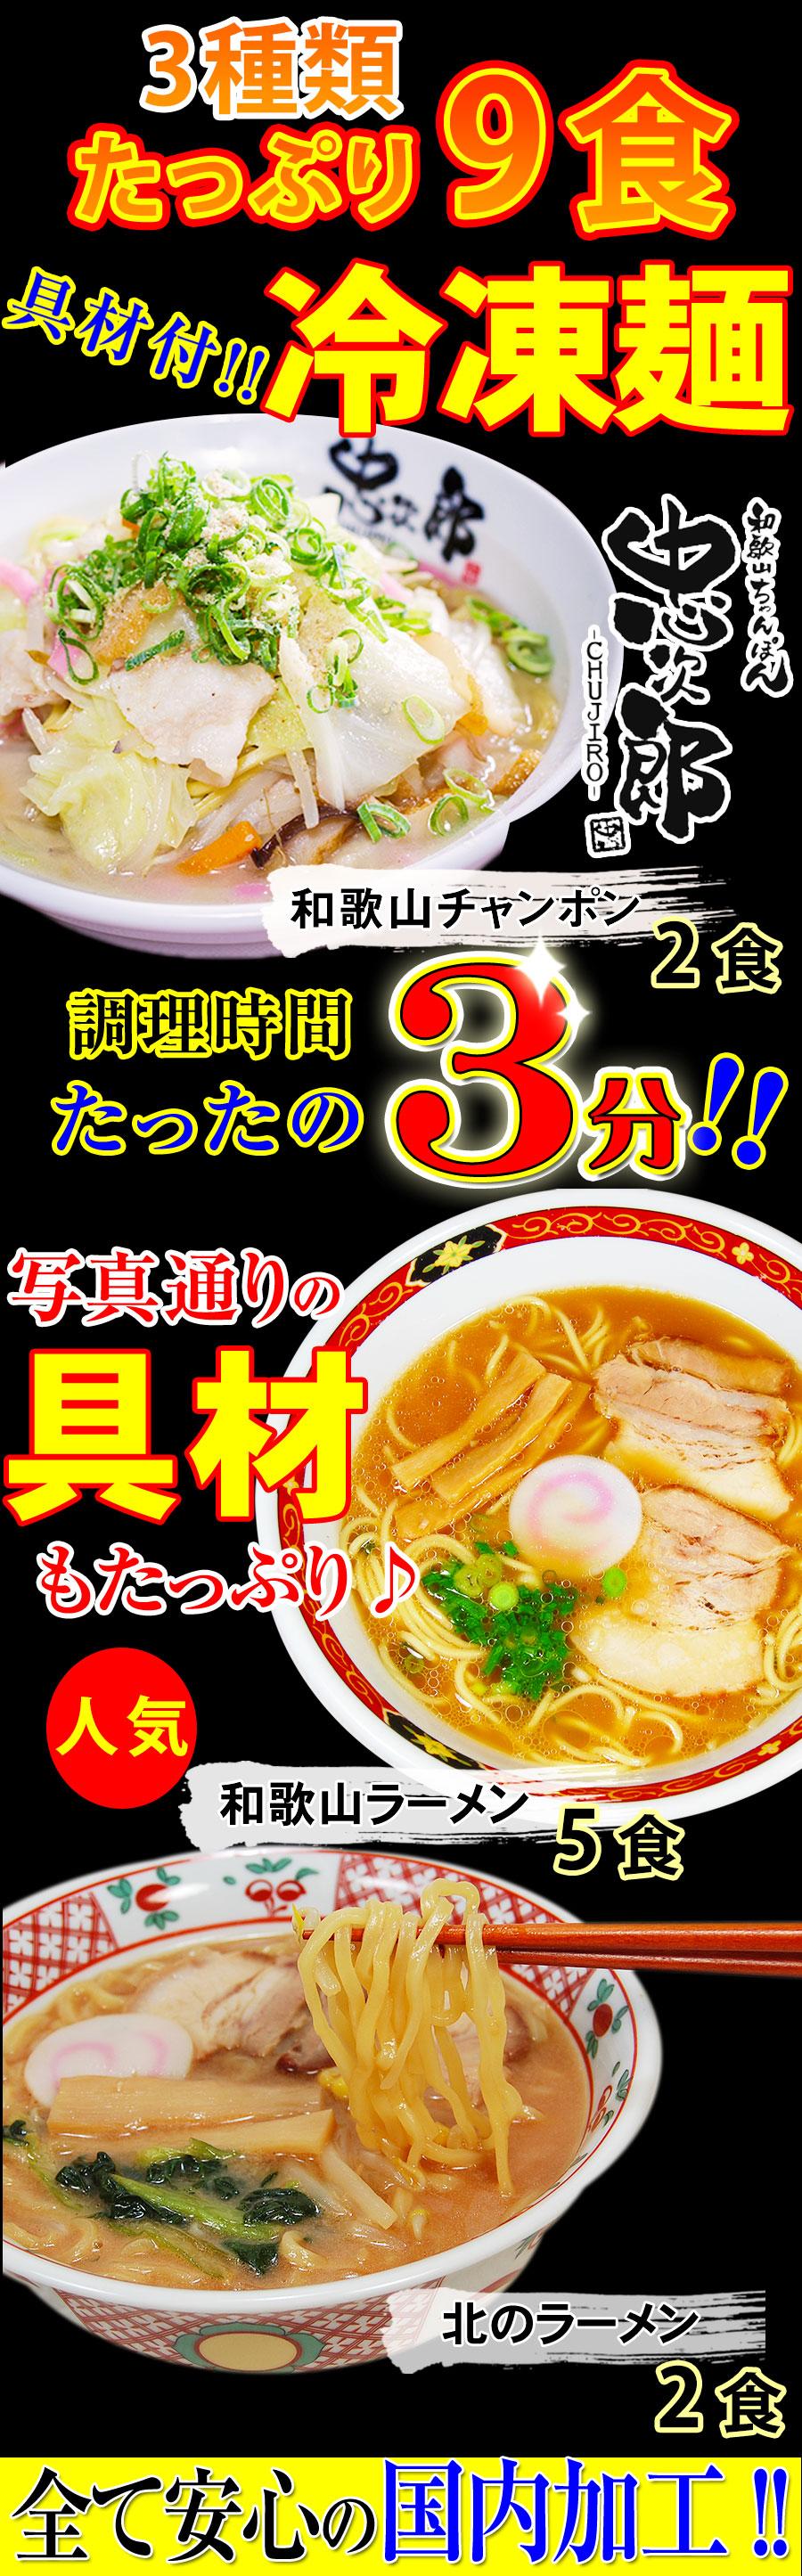 冷凍麺 調理時間